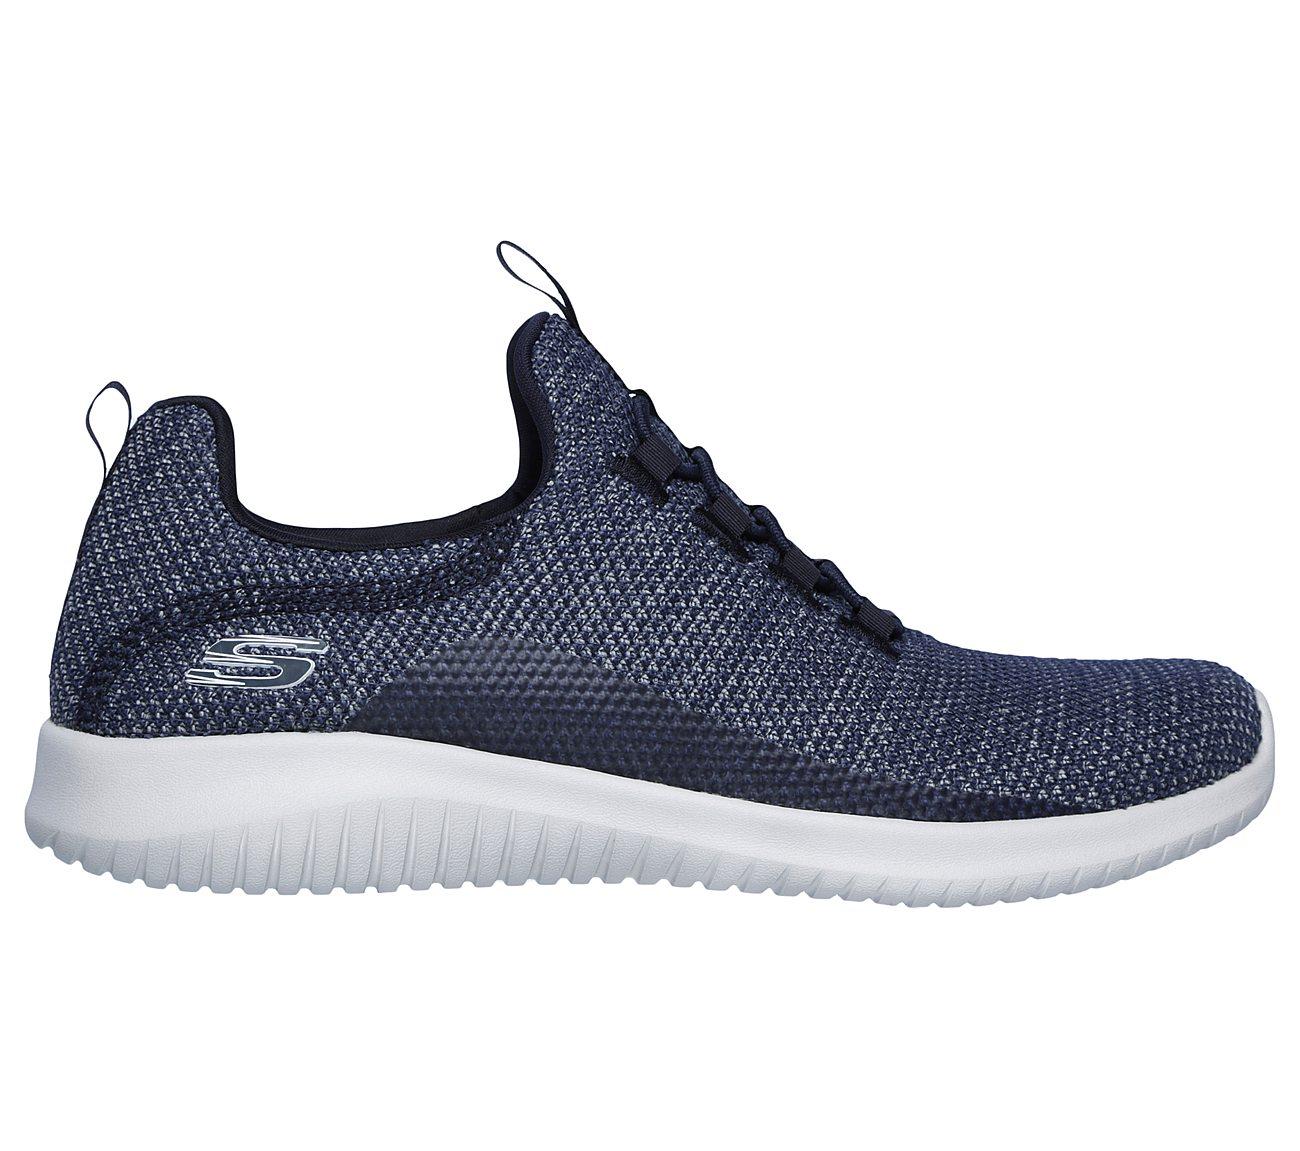 Skechers Women's Ultra Flex Capsule Slip On Sneaker